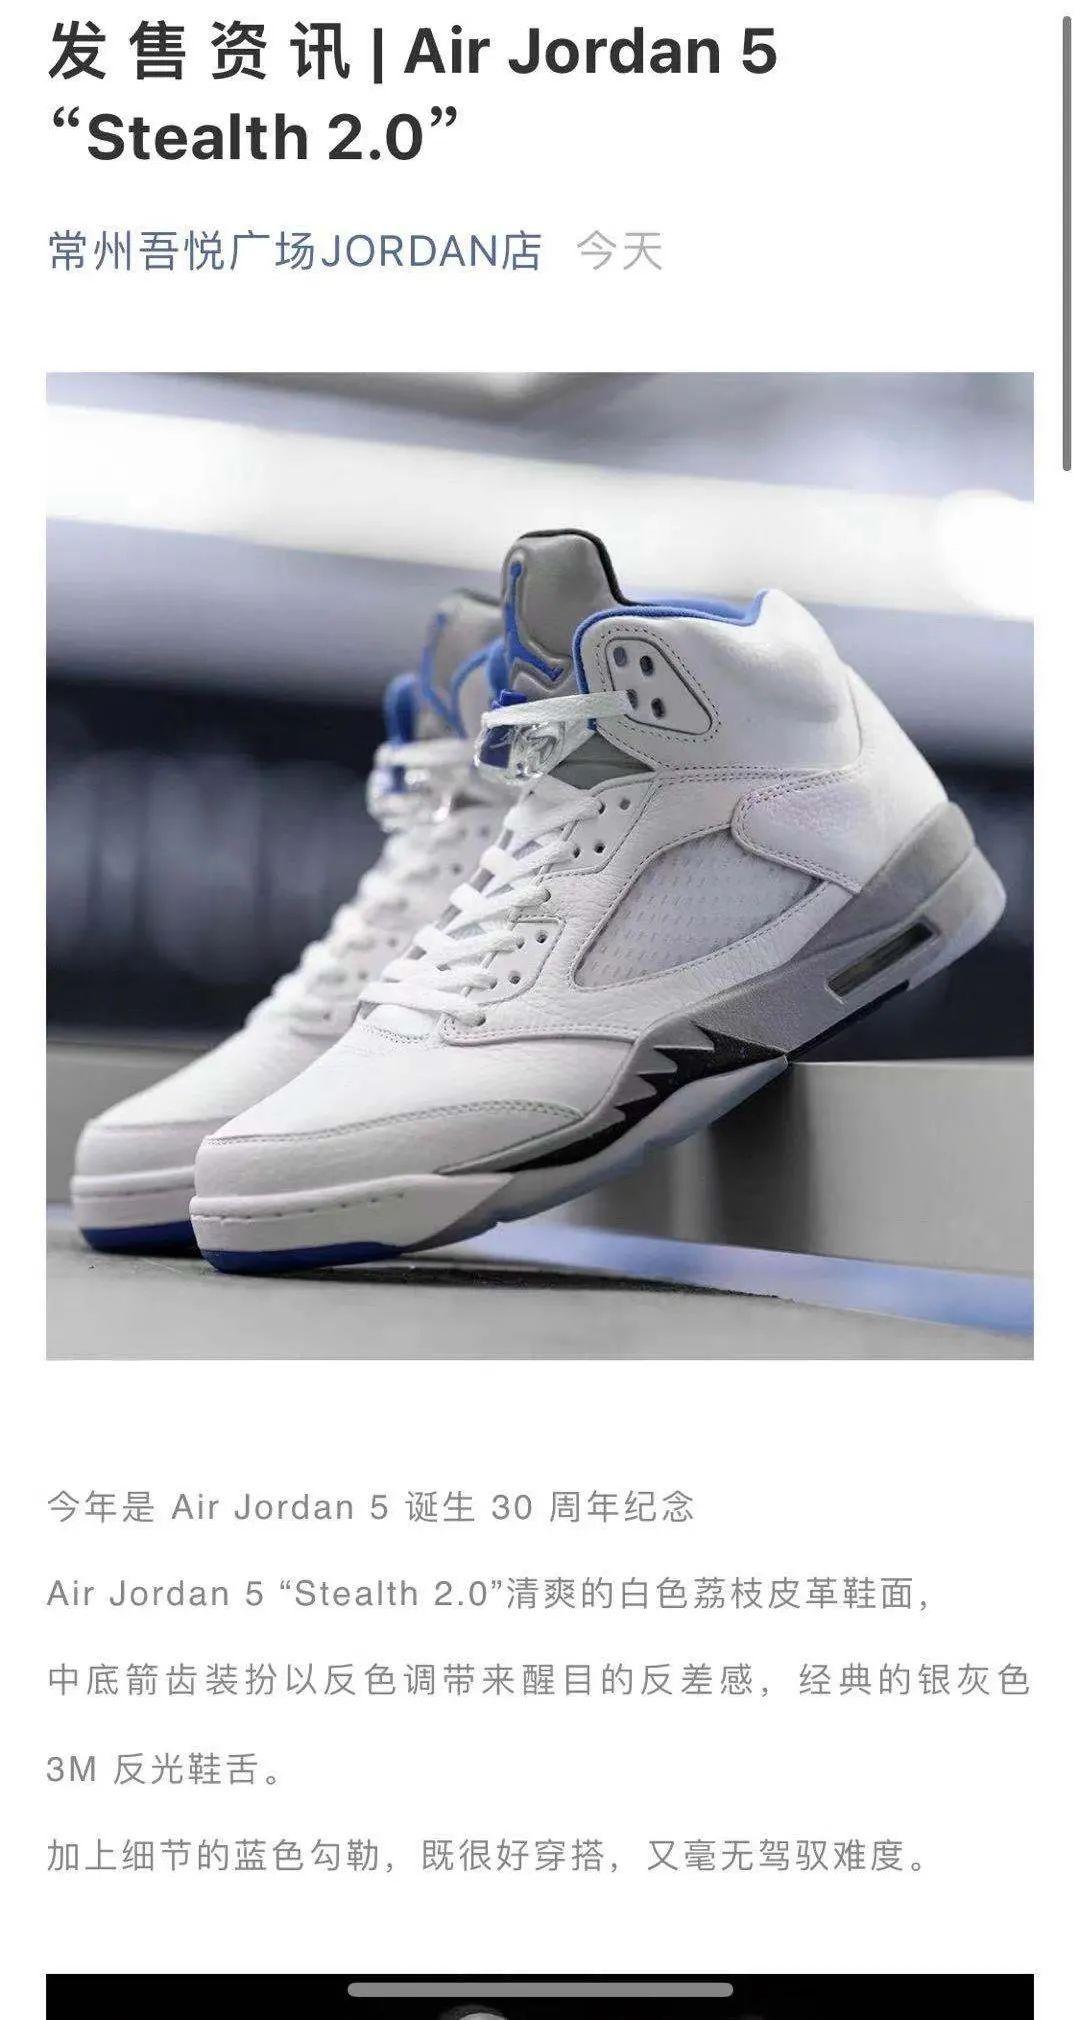 Nike竟偷摸上线限量AJ, 4月16日解禁! 又是几十万人抢购?